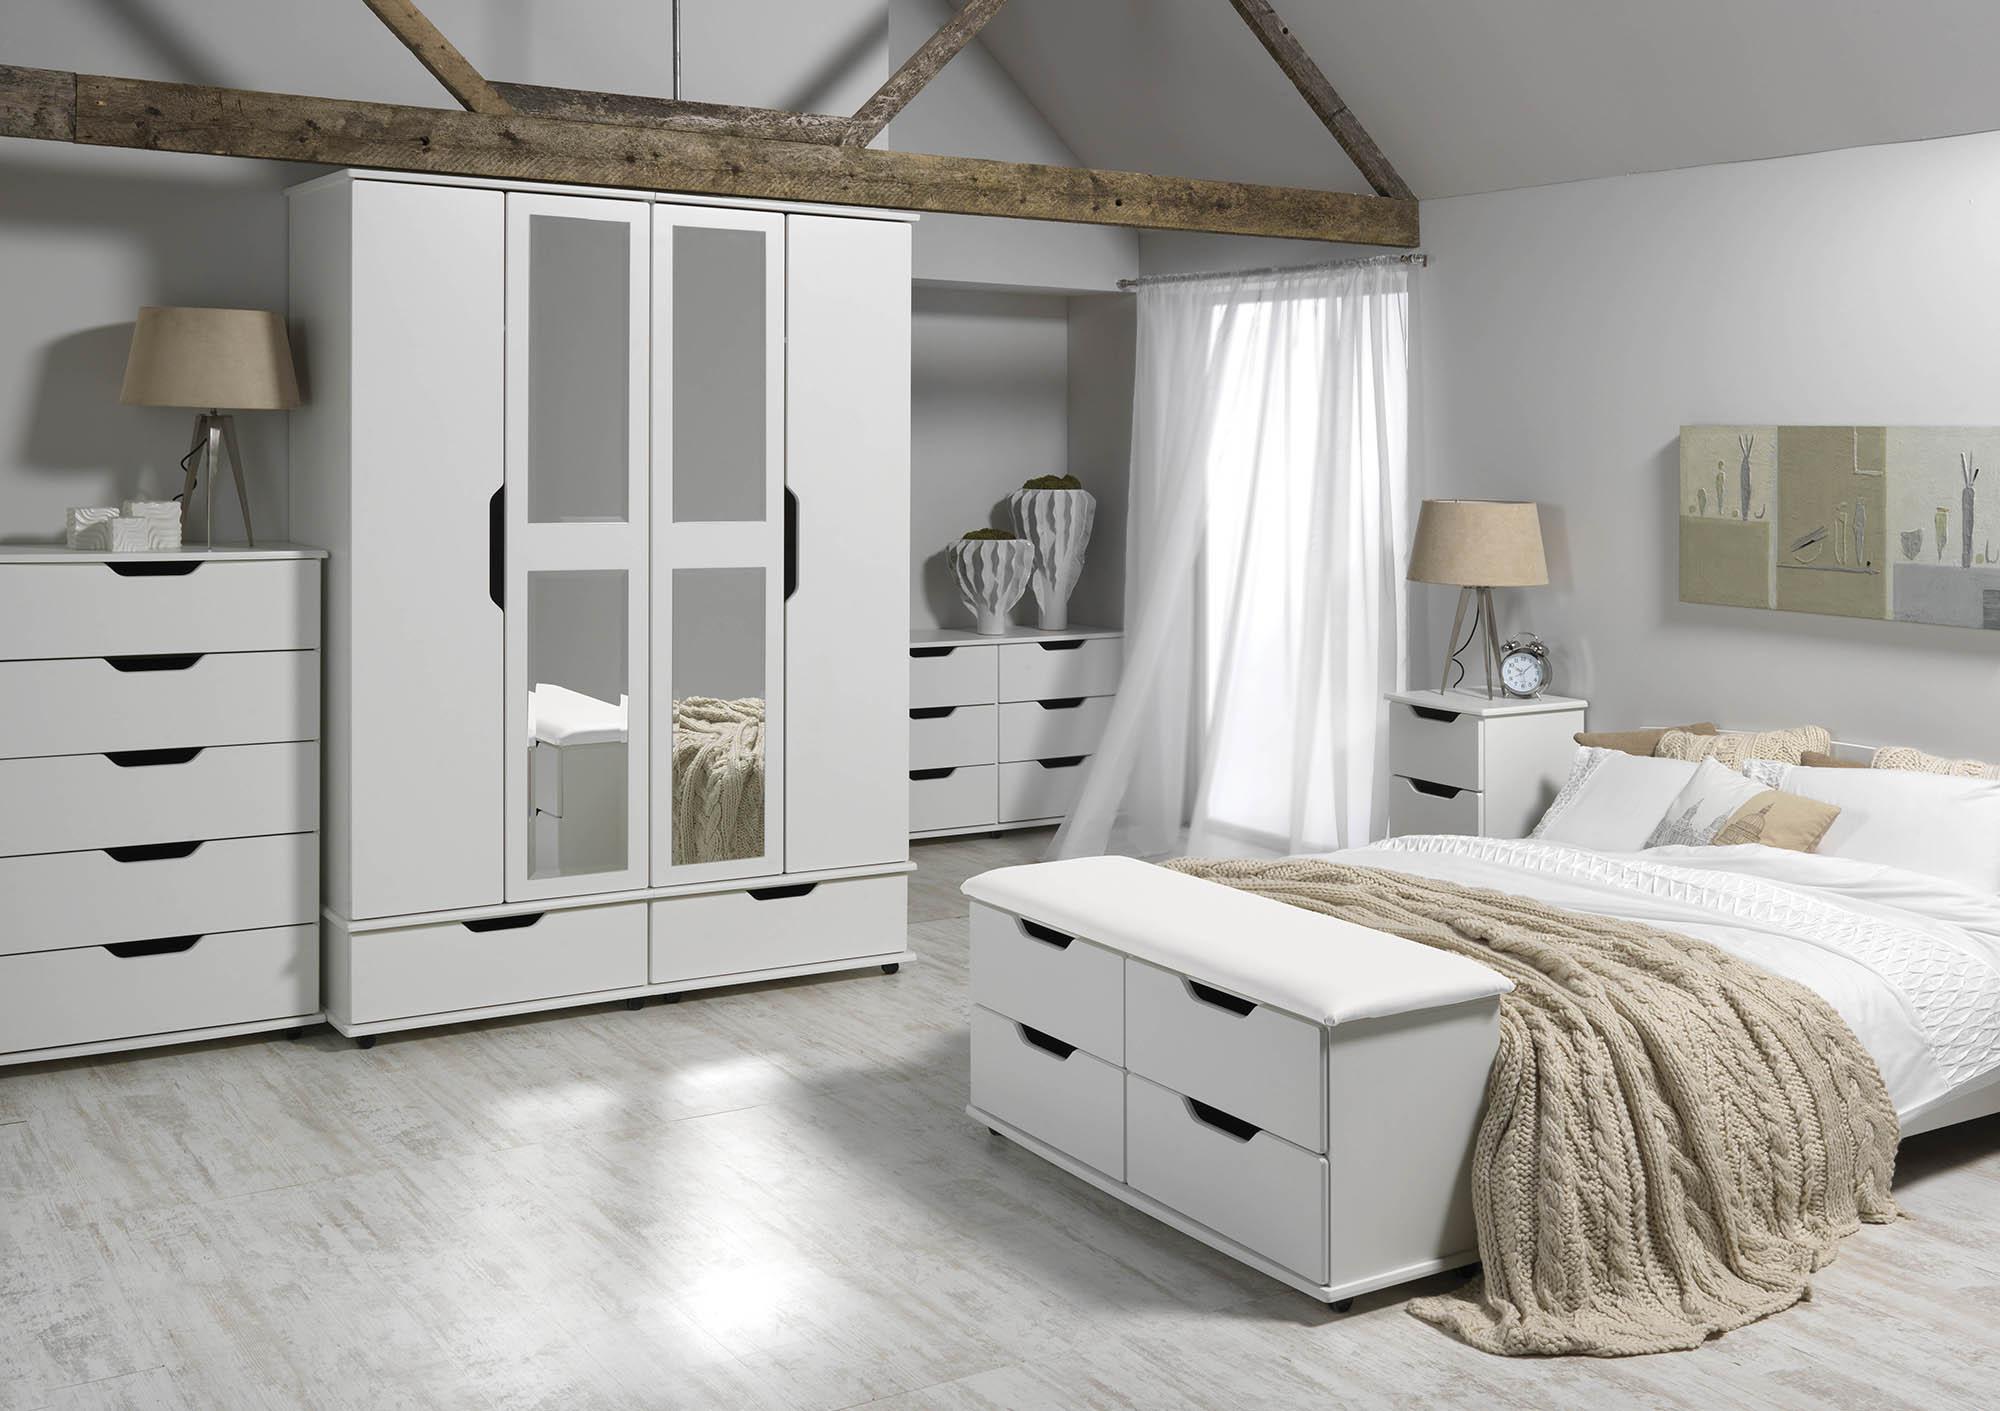 Bedroom Furniture Rental Goods